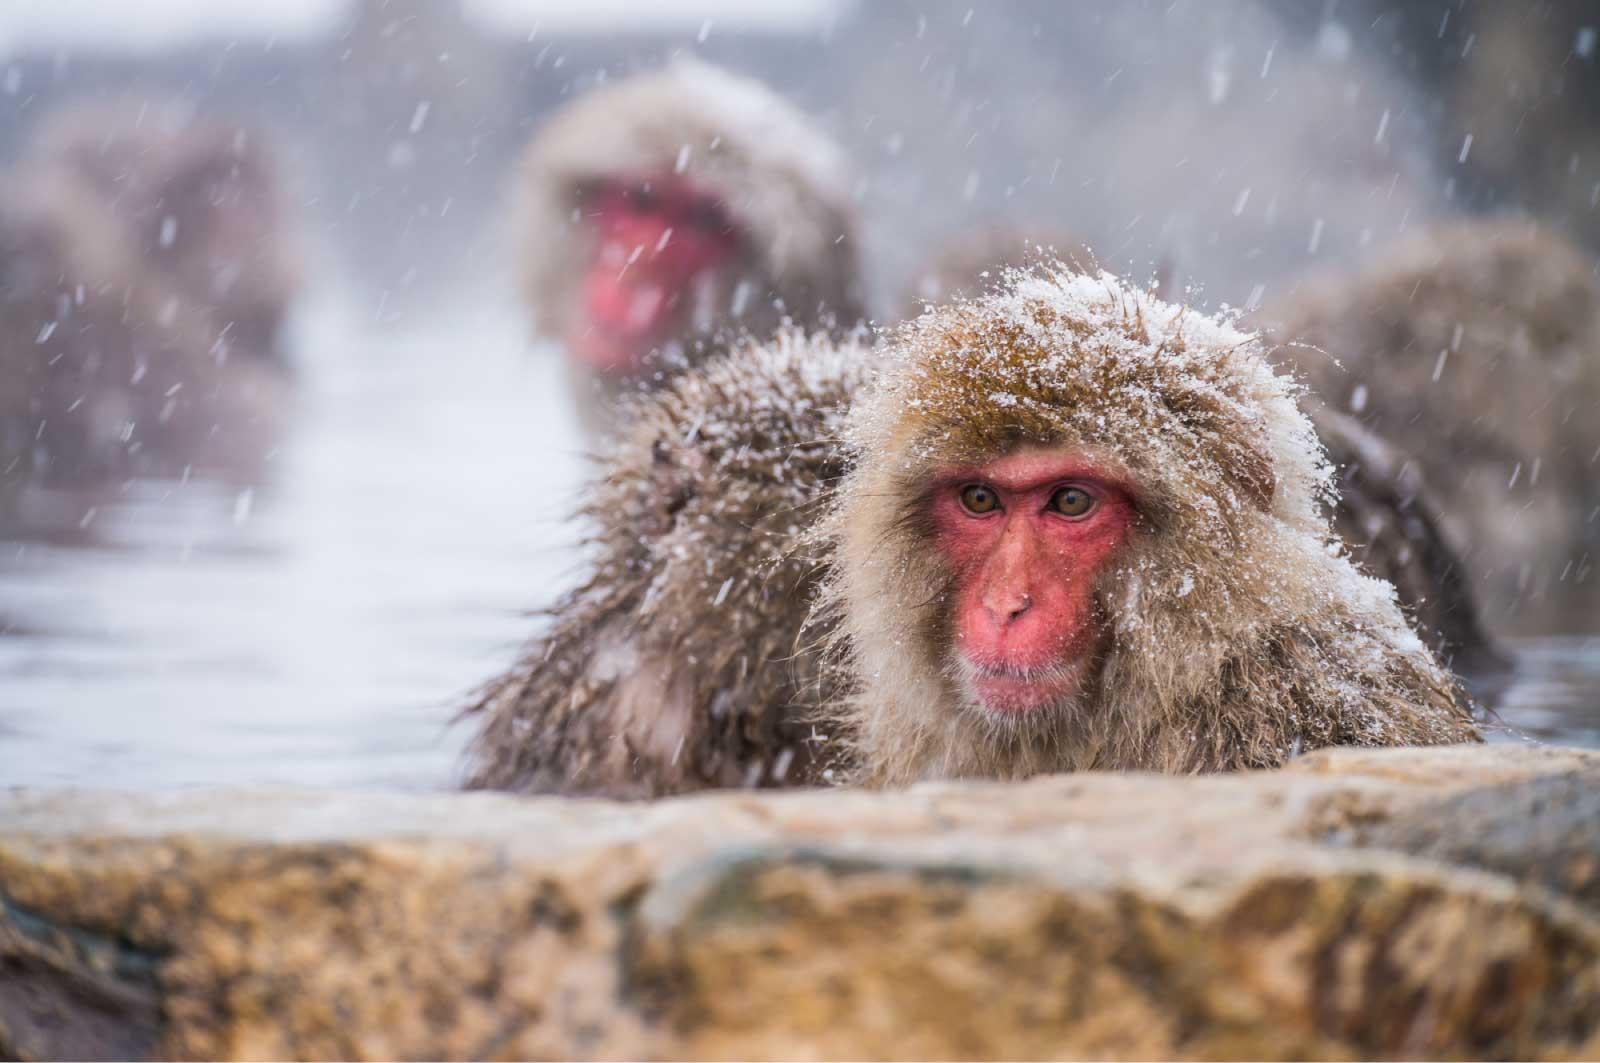 地獄谷野猿公苑は、国際的にも非常に有名な観光名所